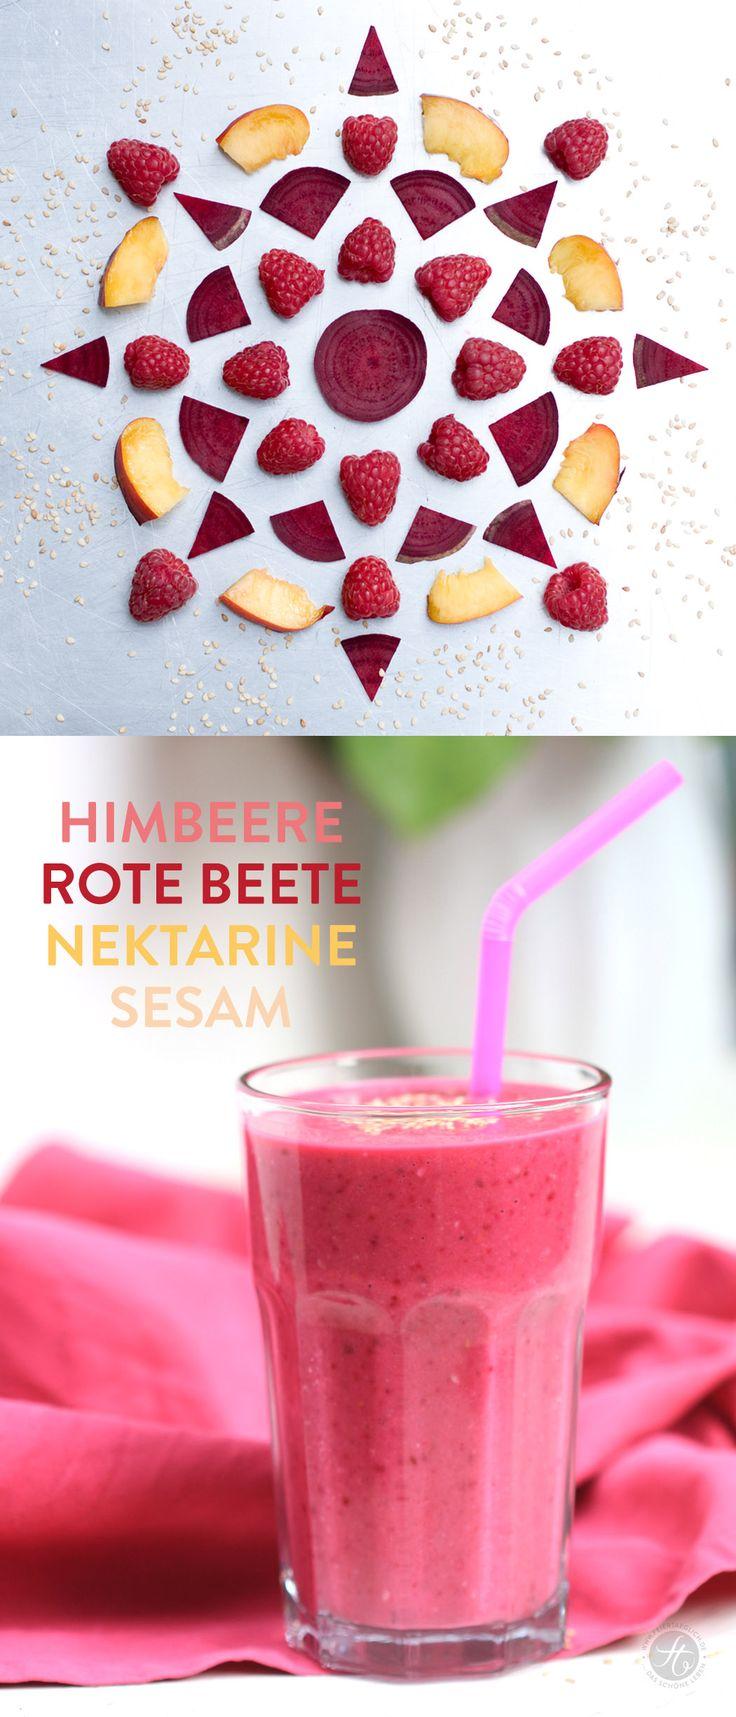 Smoothie-Montag 04: Himbeere-Rote Beete-Nektarine-Sesam Smoothie #smoothiemontag… – feiertäglich